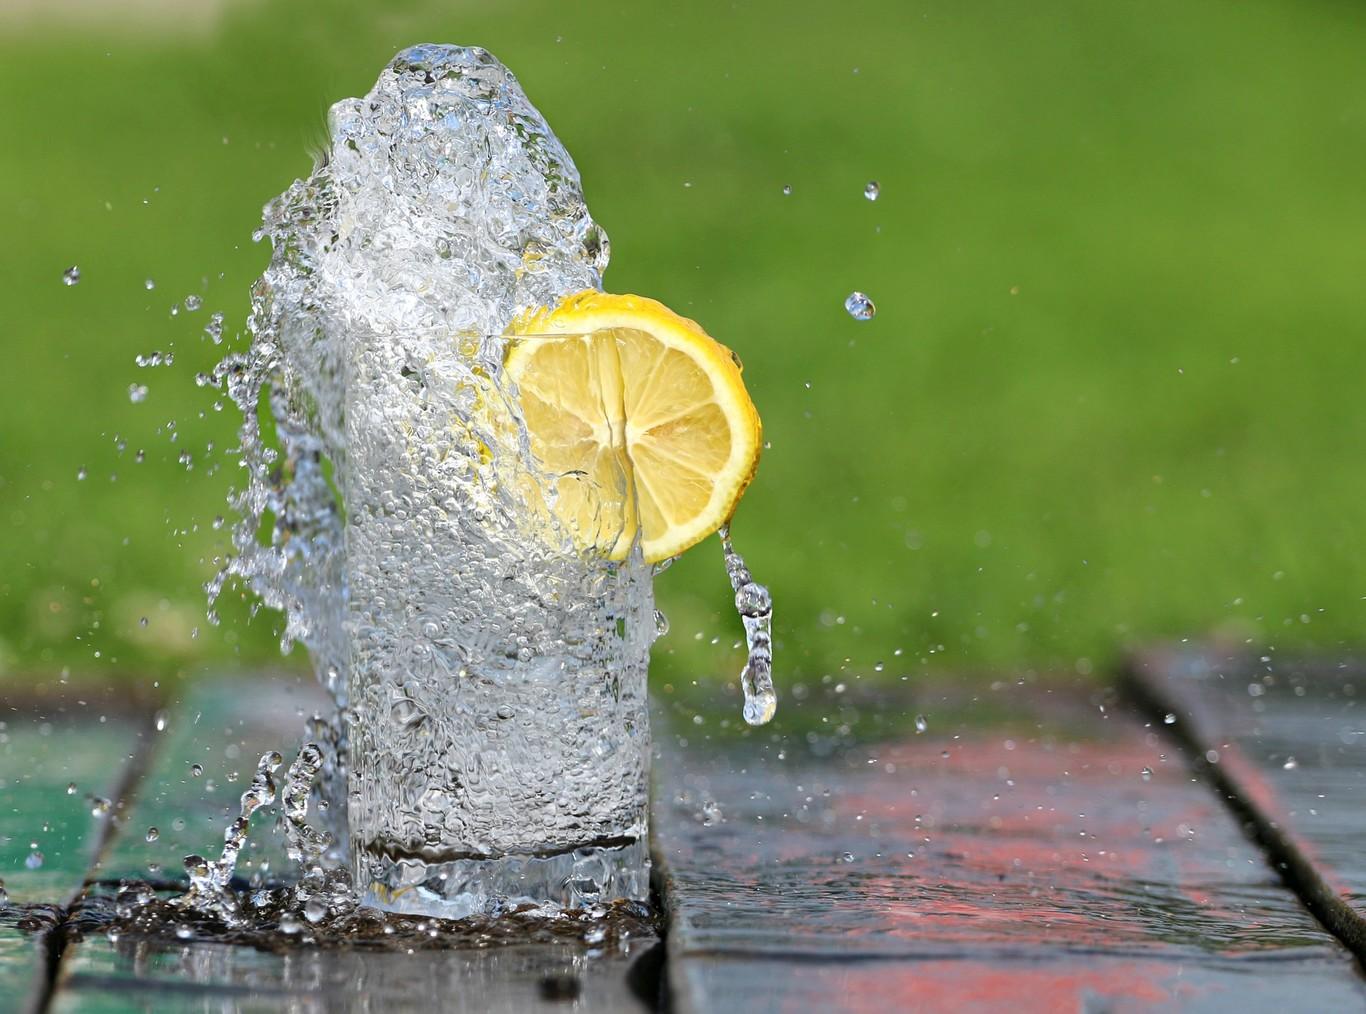 tomar agua en ayunas para adelgazar